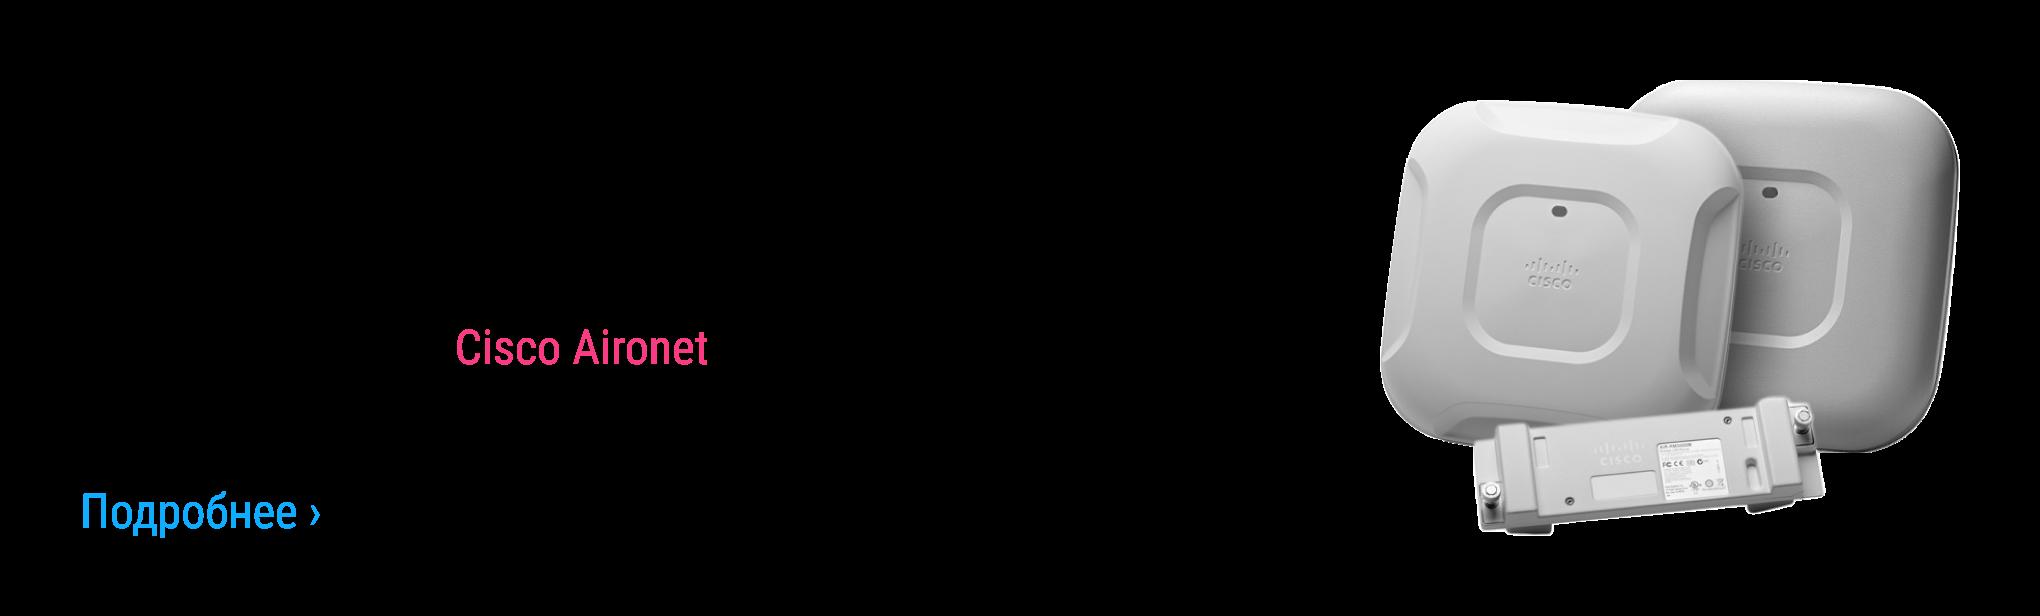 Акция Современные беспроводные решения с точками доступа Cisco Aironet стандарта 802.11ac